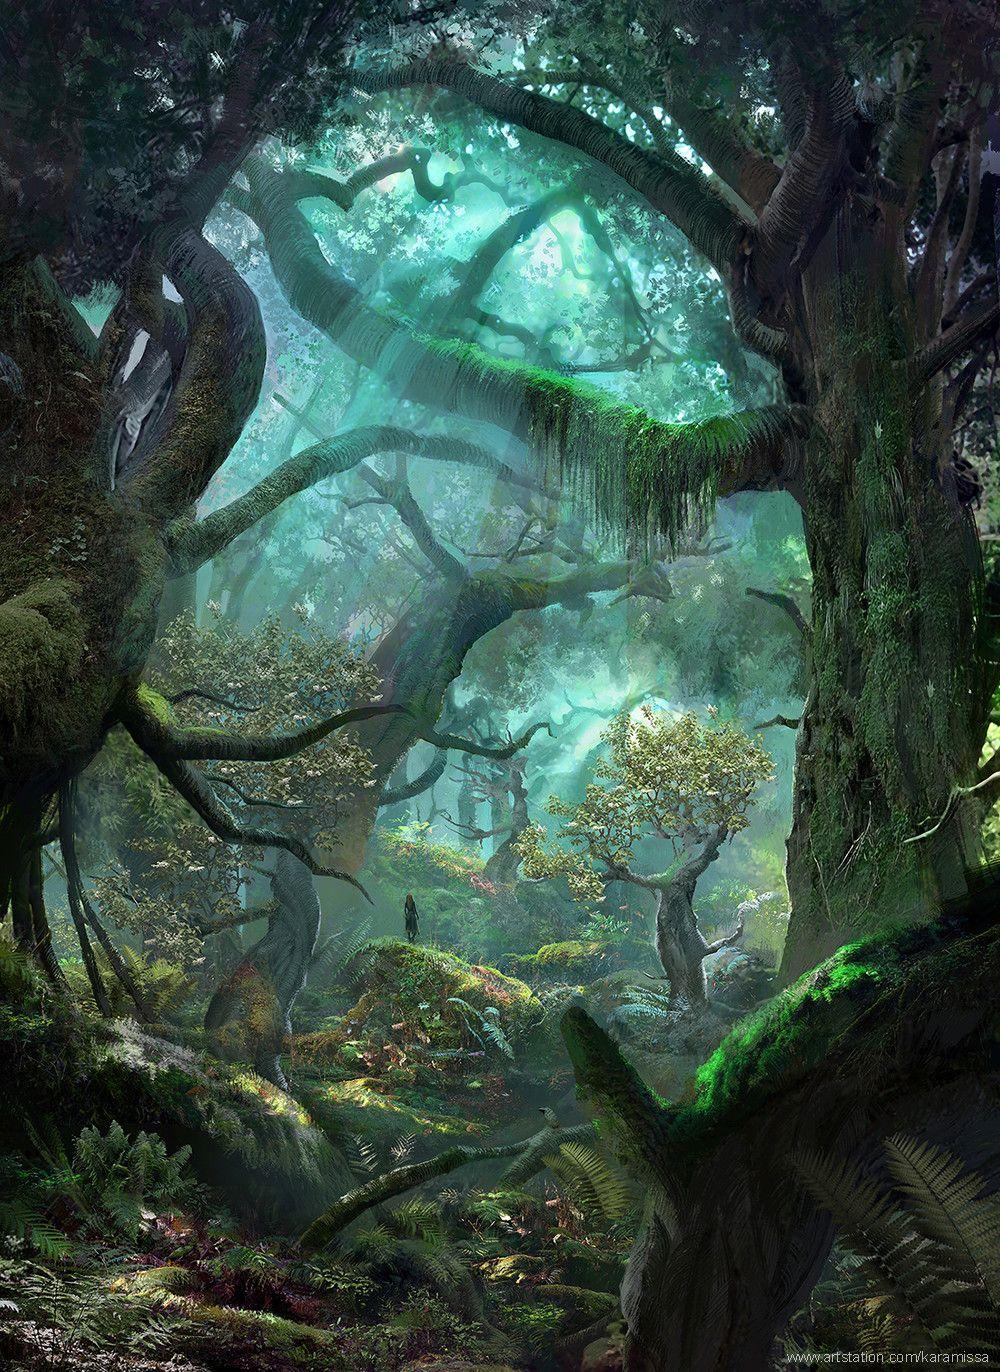 ArtStation - Journey 01, Kamila Szutenberg | Fantasy ...